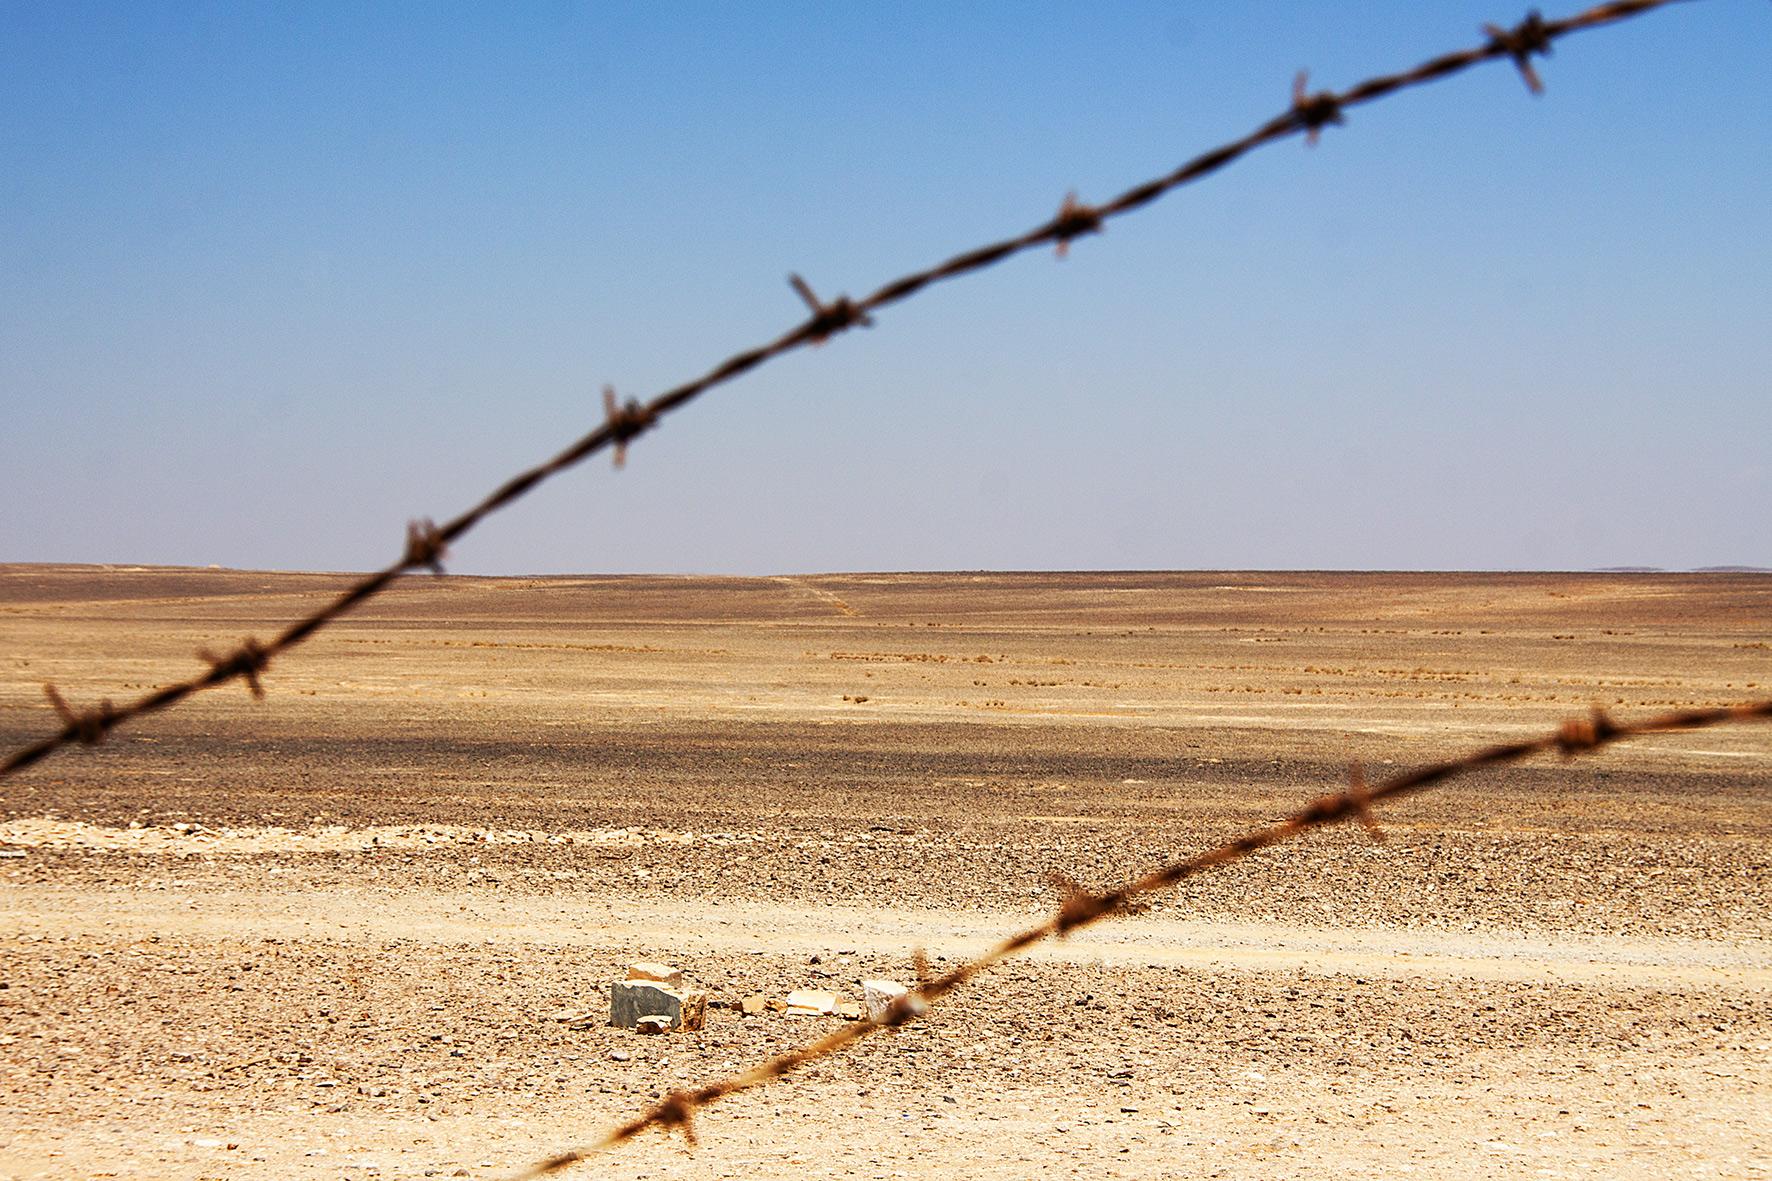 Jordanie, Azraq. 2010